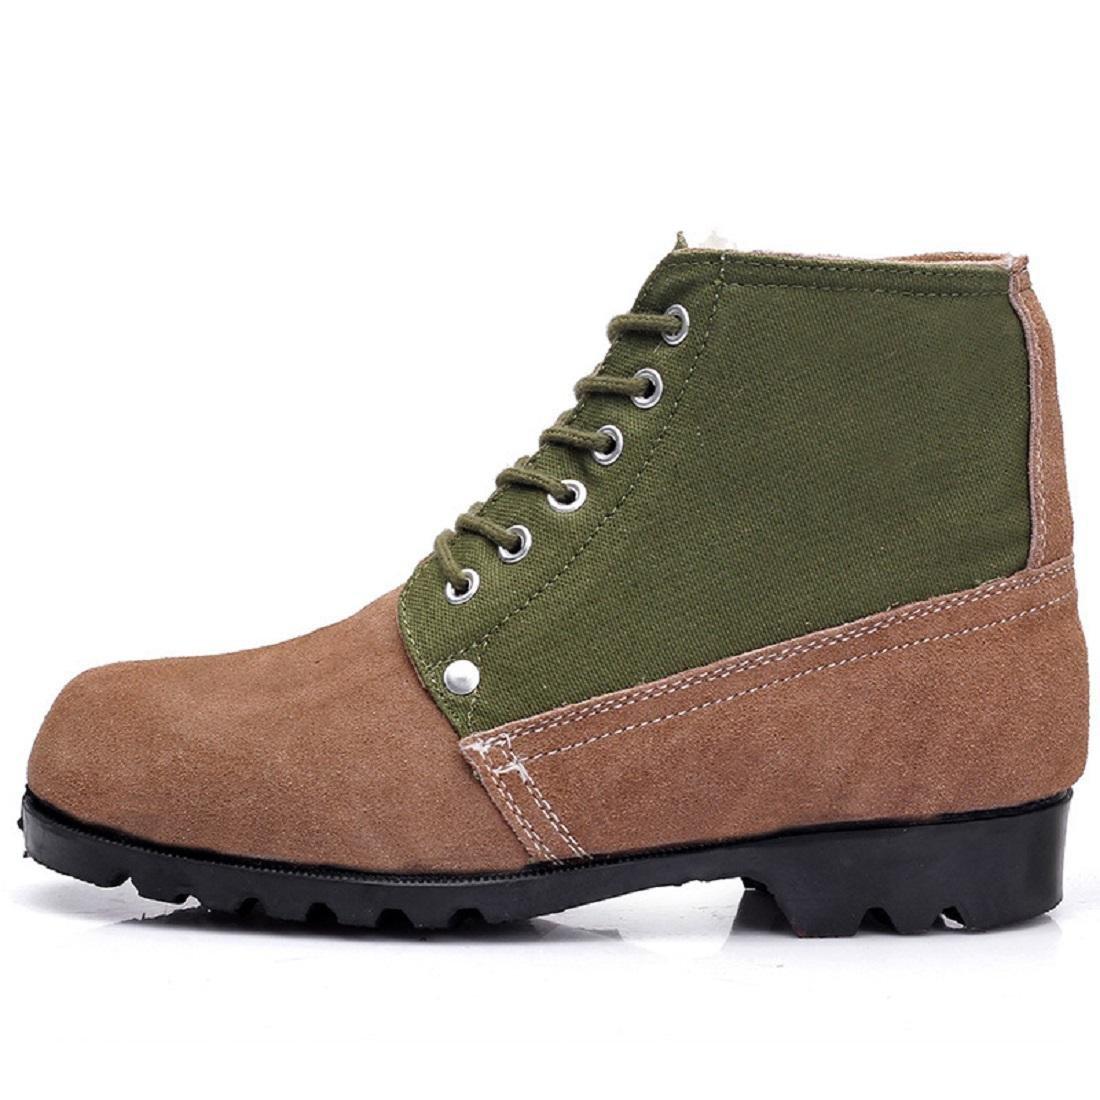 Herren Herbst Winter Warm halten Martin Stiefel Draussen Plus Kaschmir Schneestiefel Hohe Stiefel Schuhe erhöhen Rutschfest Gemütlich Baumwollschuhe EUR GRÖSSE 38-46